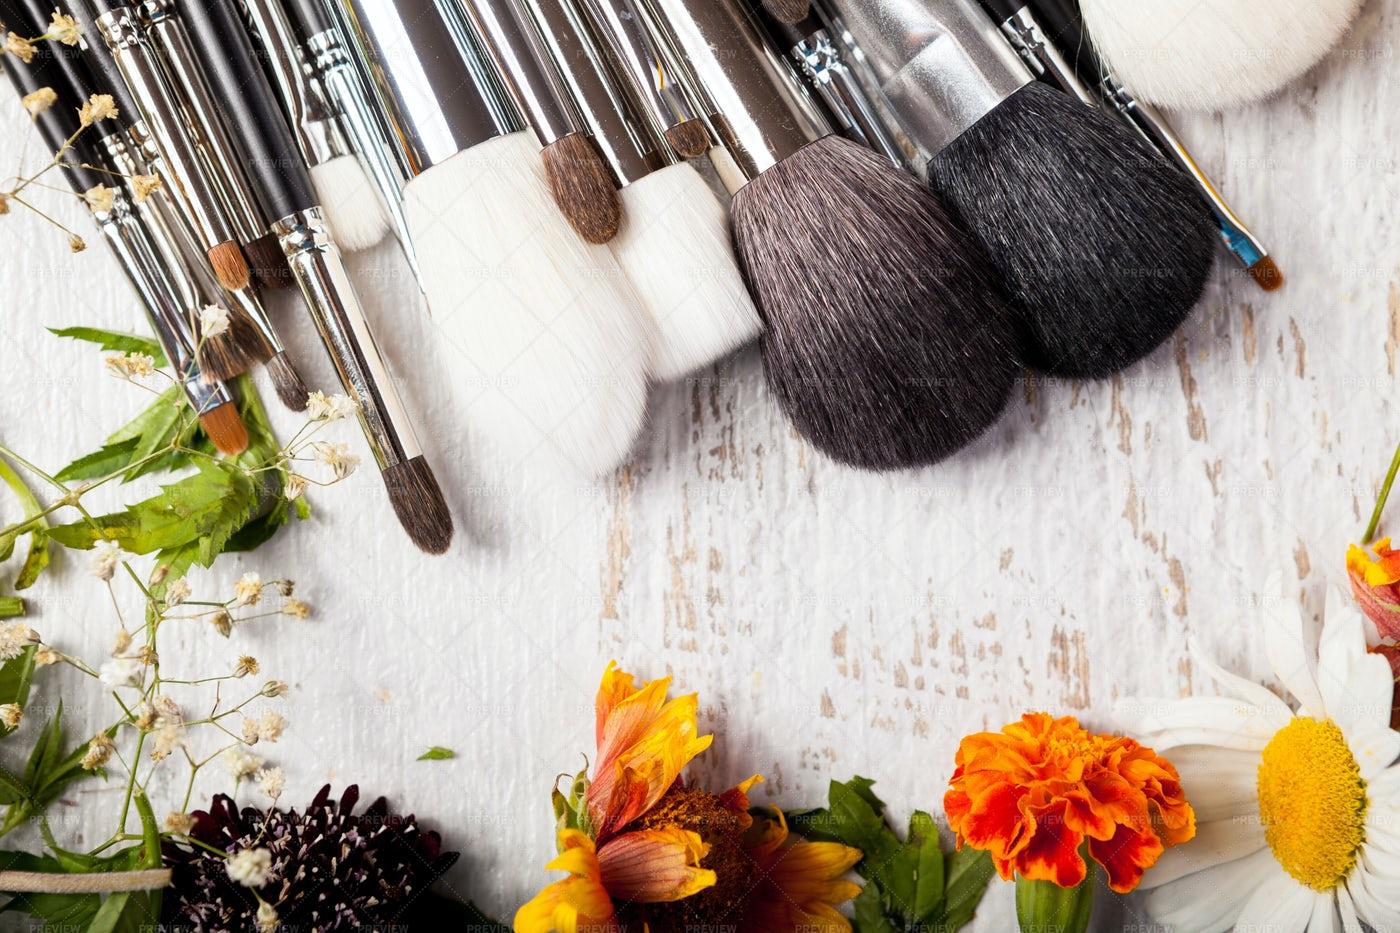 Makeup Brushes: Stock Photos